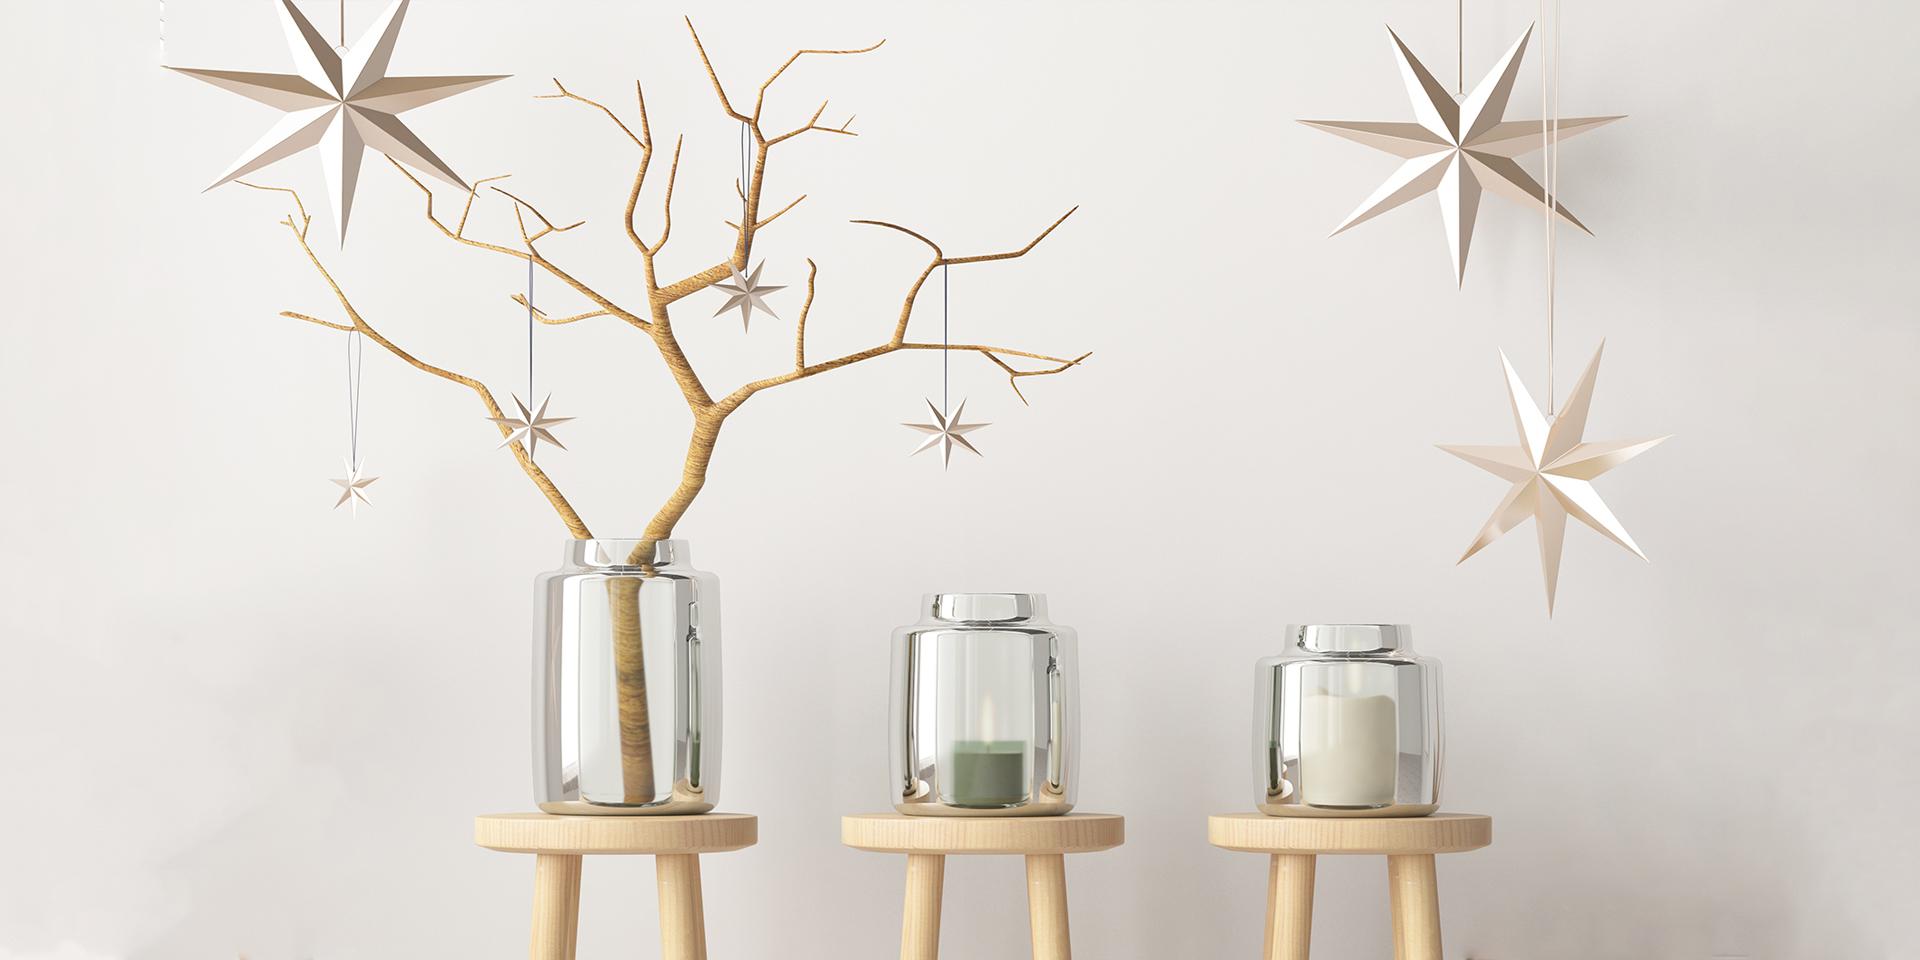 モミの木以外なら何でも:クリスマスツリーに代わるサスティナブルなデコレー